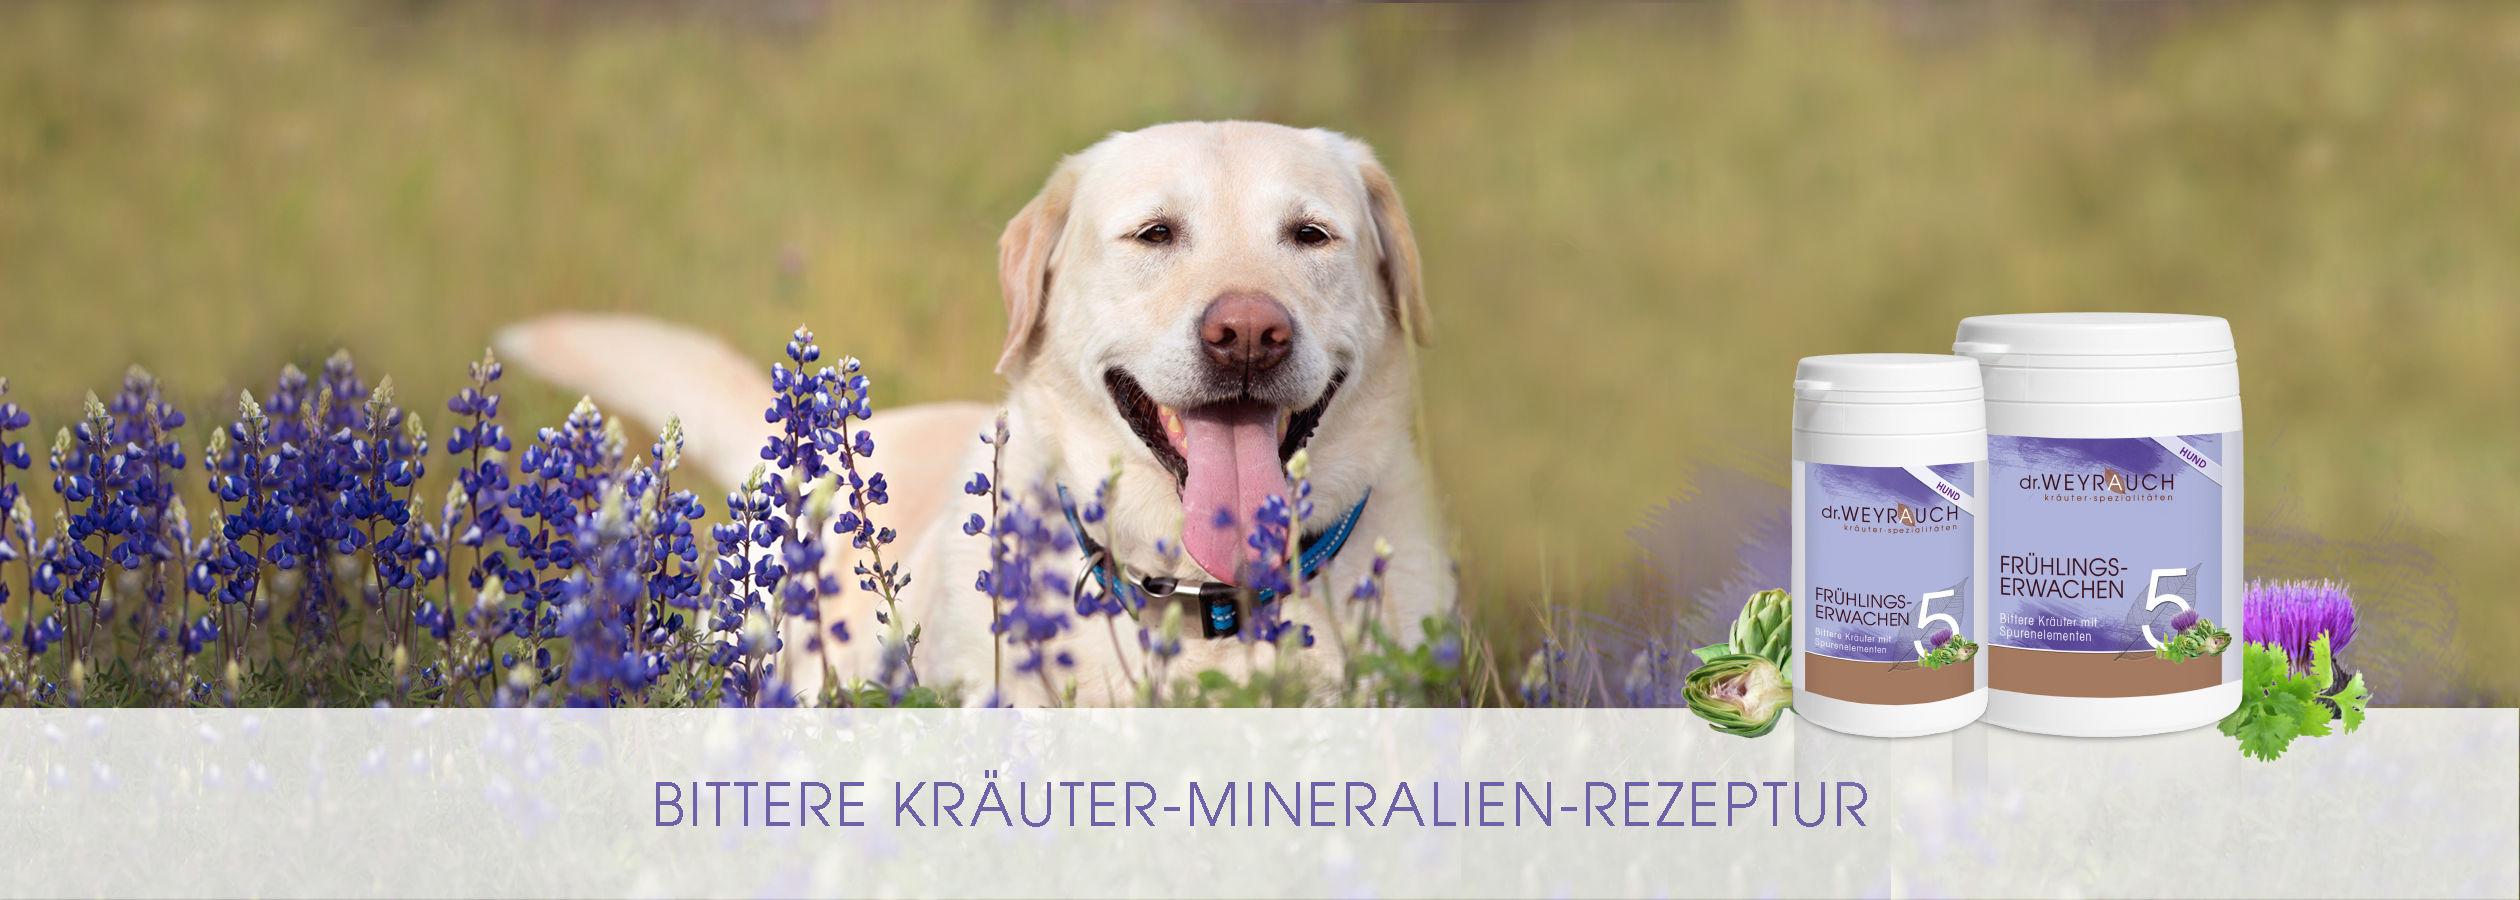 HEADER-2017-Fr-hlingserwachen-s-Hund